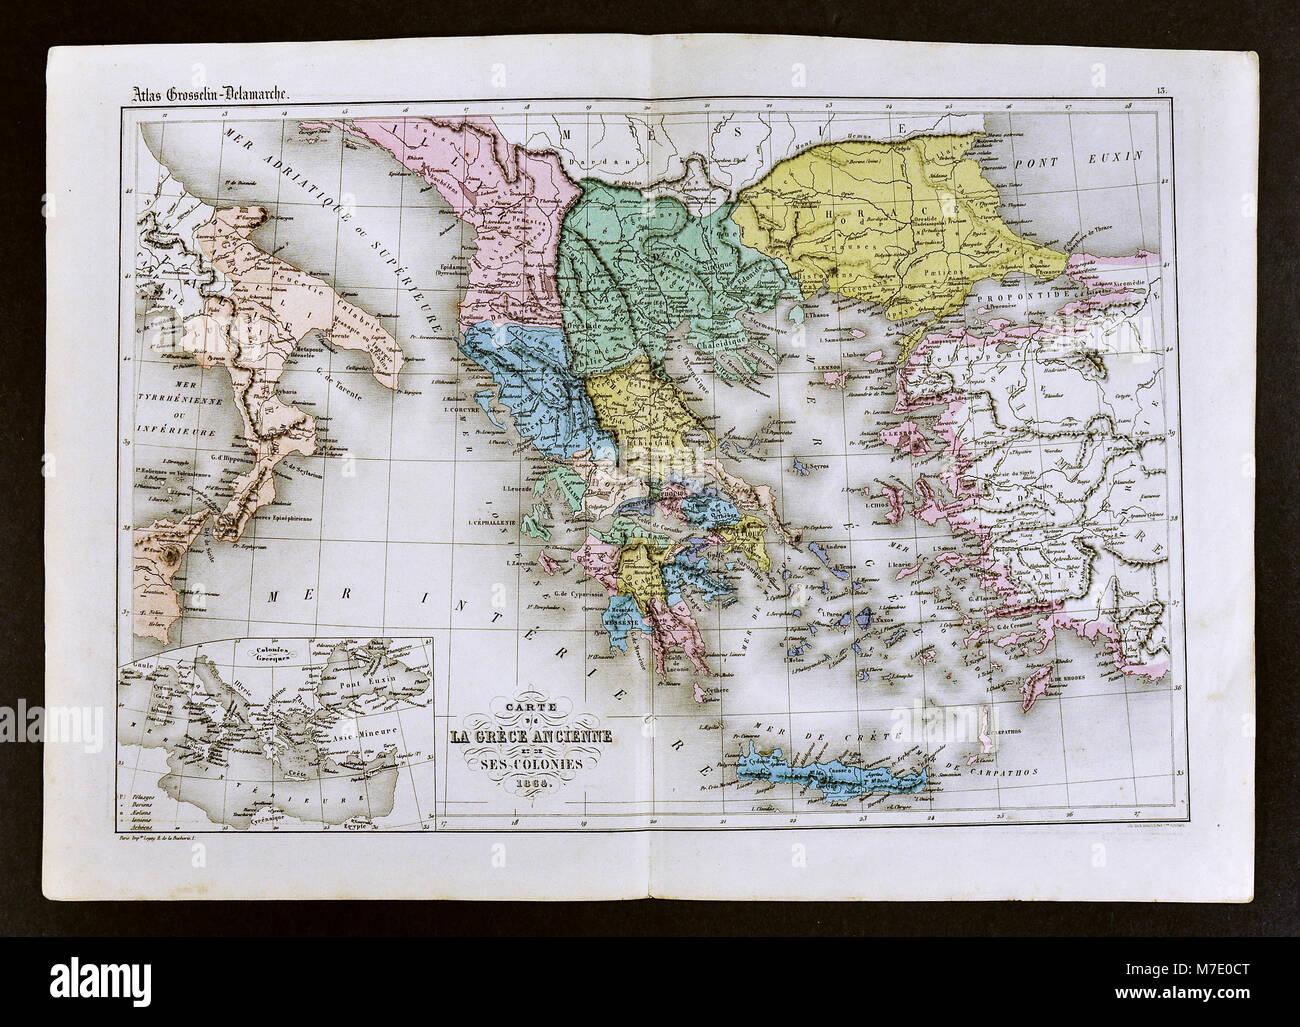 Cartina Della Grecia Antica In Italiano.1858 Delamarche Mappa Della Grecia Antica E Le Sue Colonie In Italia E Turchia Foto Stock Alamy